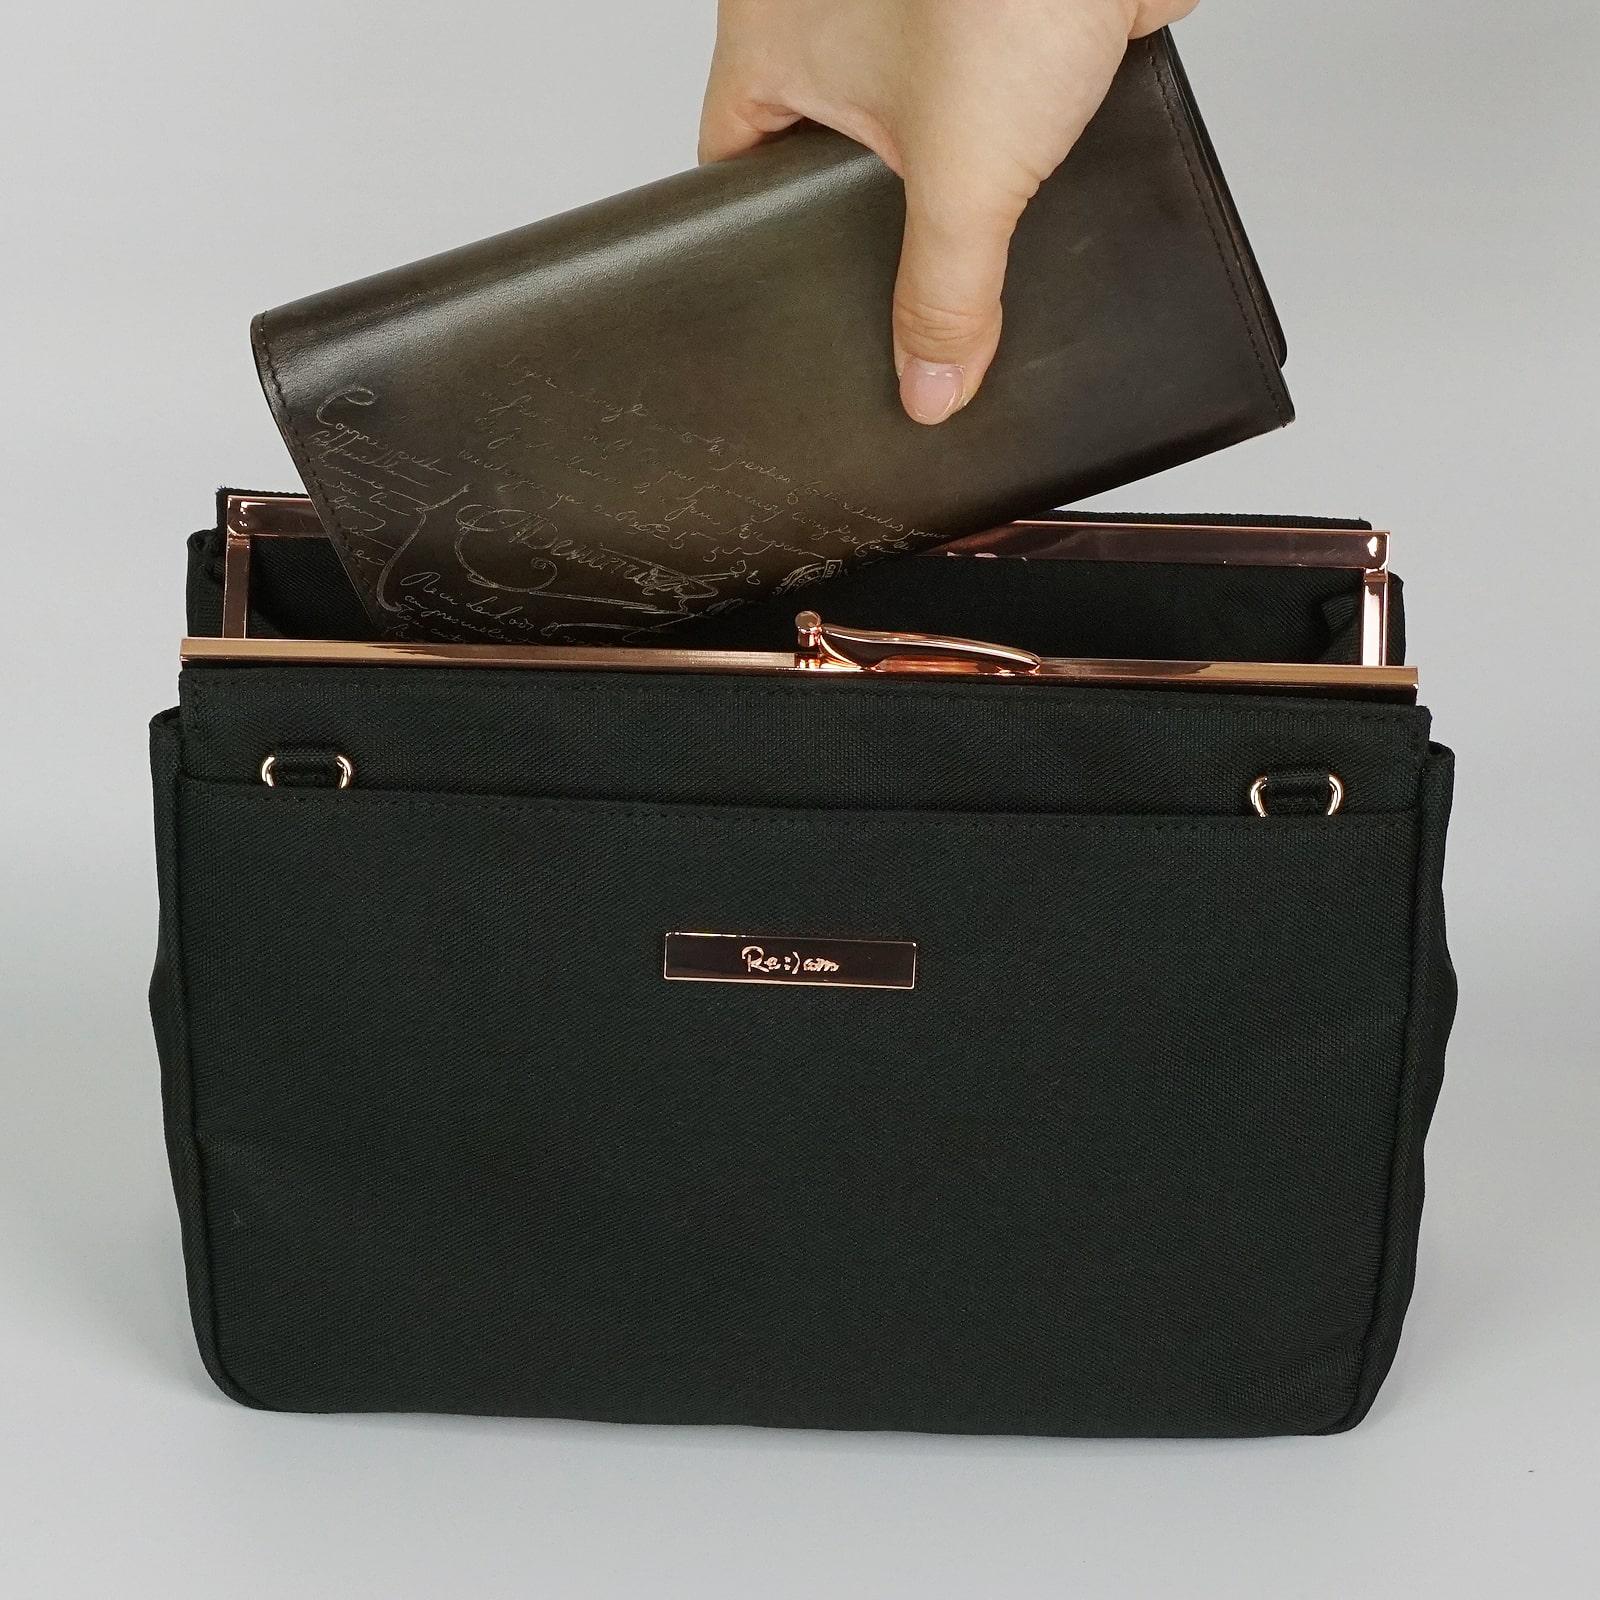 ポショルには長財布がストレスなく入ります